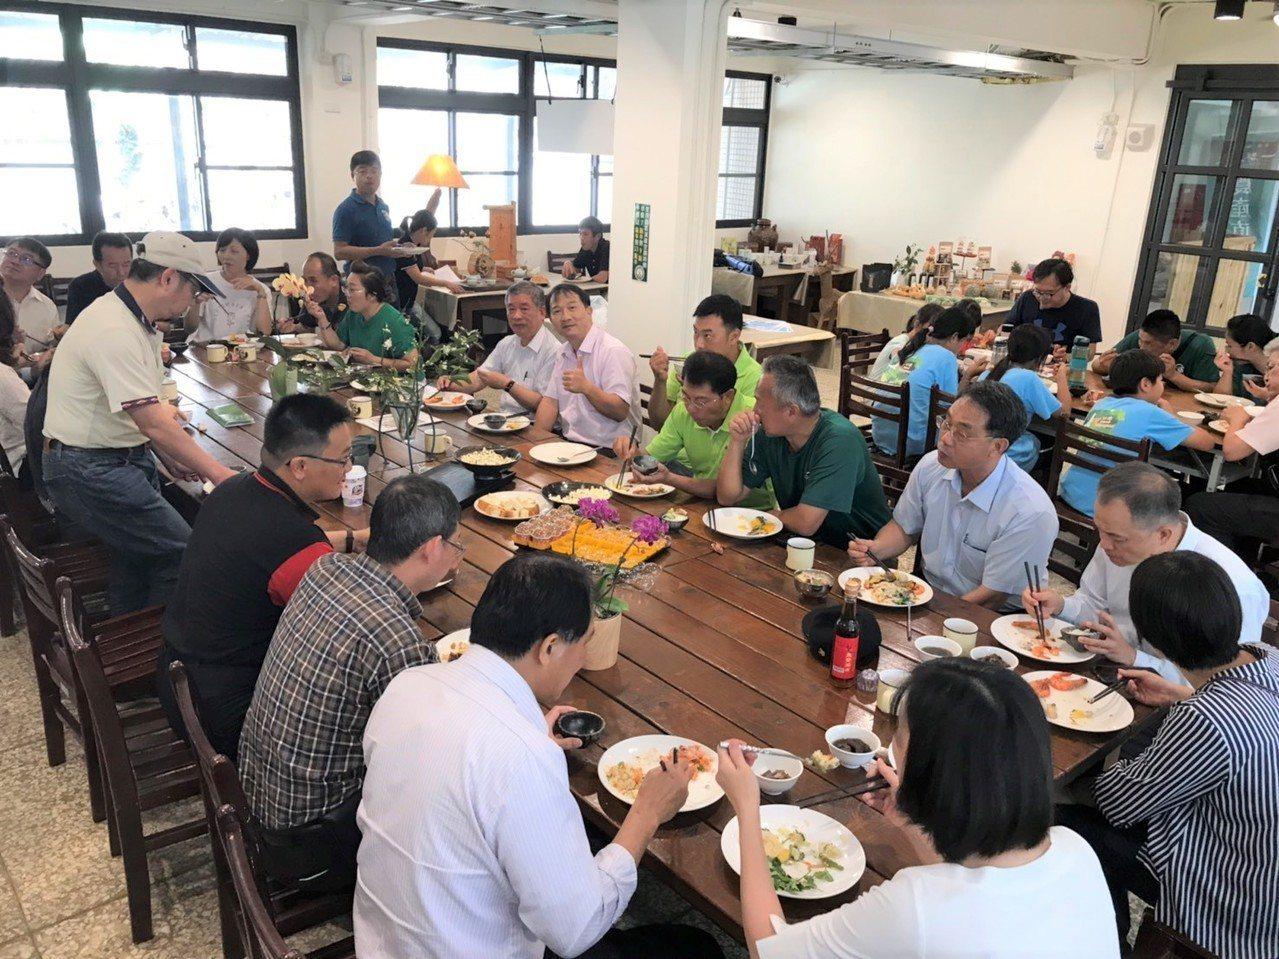 從產地到餐桌,中興大學新化林場餐廳也使用台南青農優質產品。圖/新化林場提供